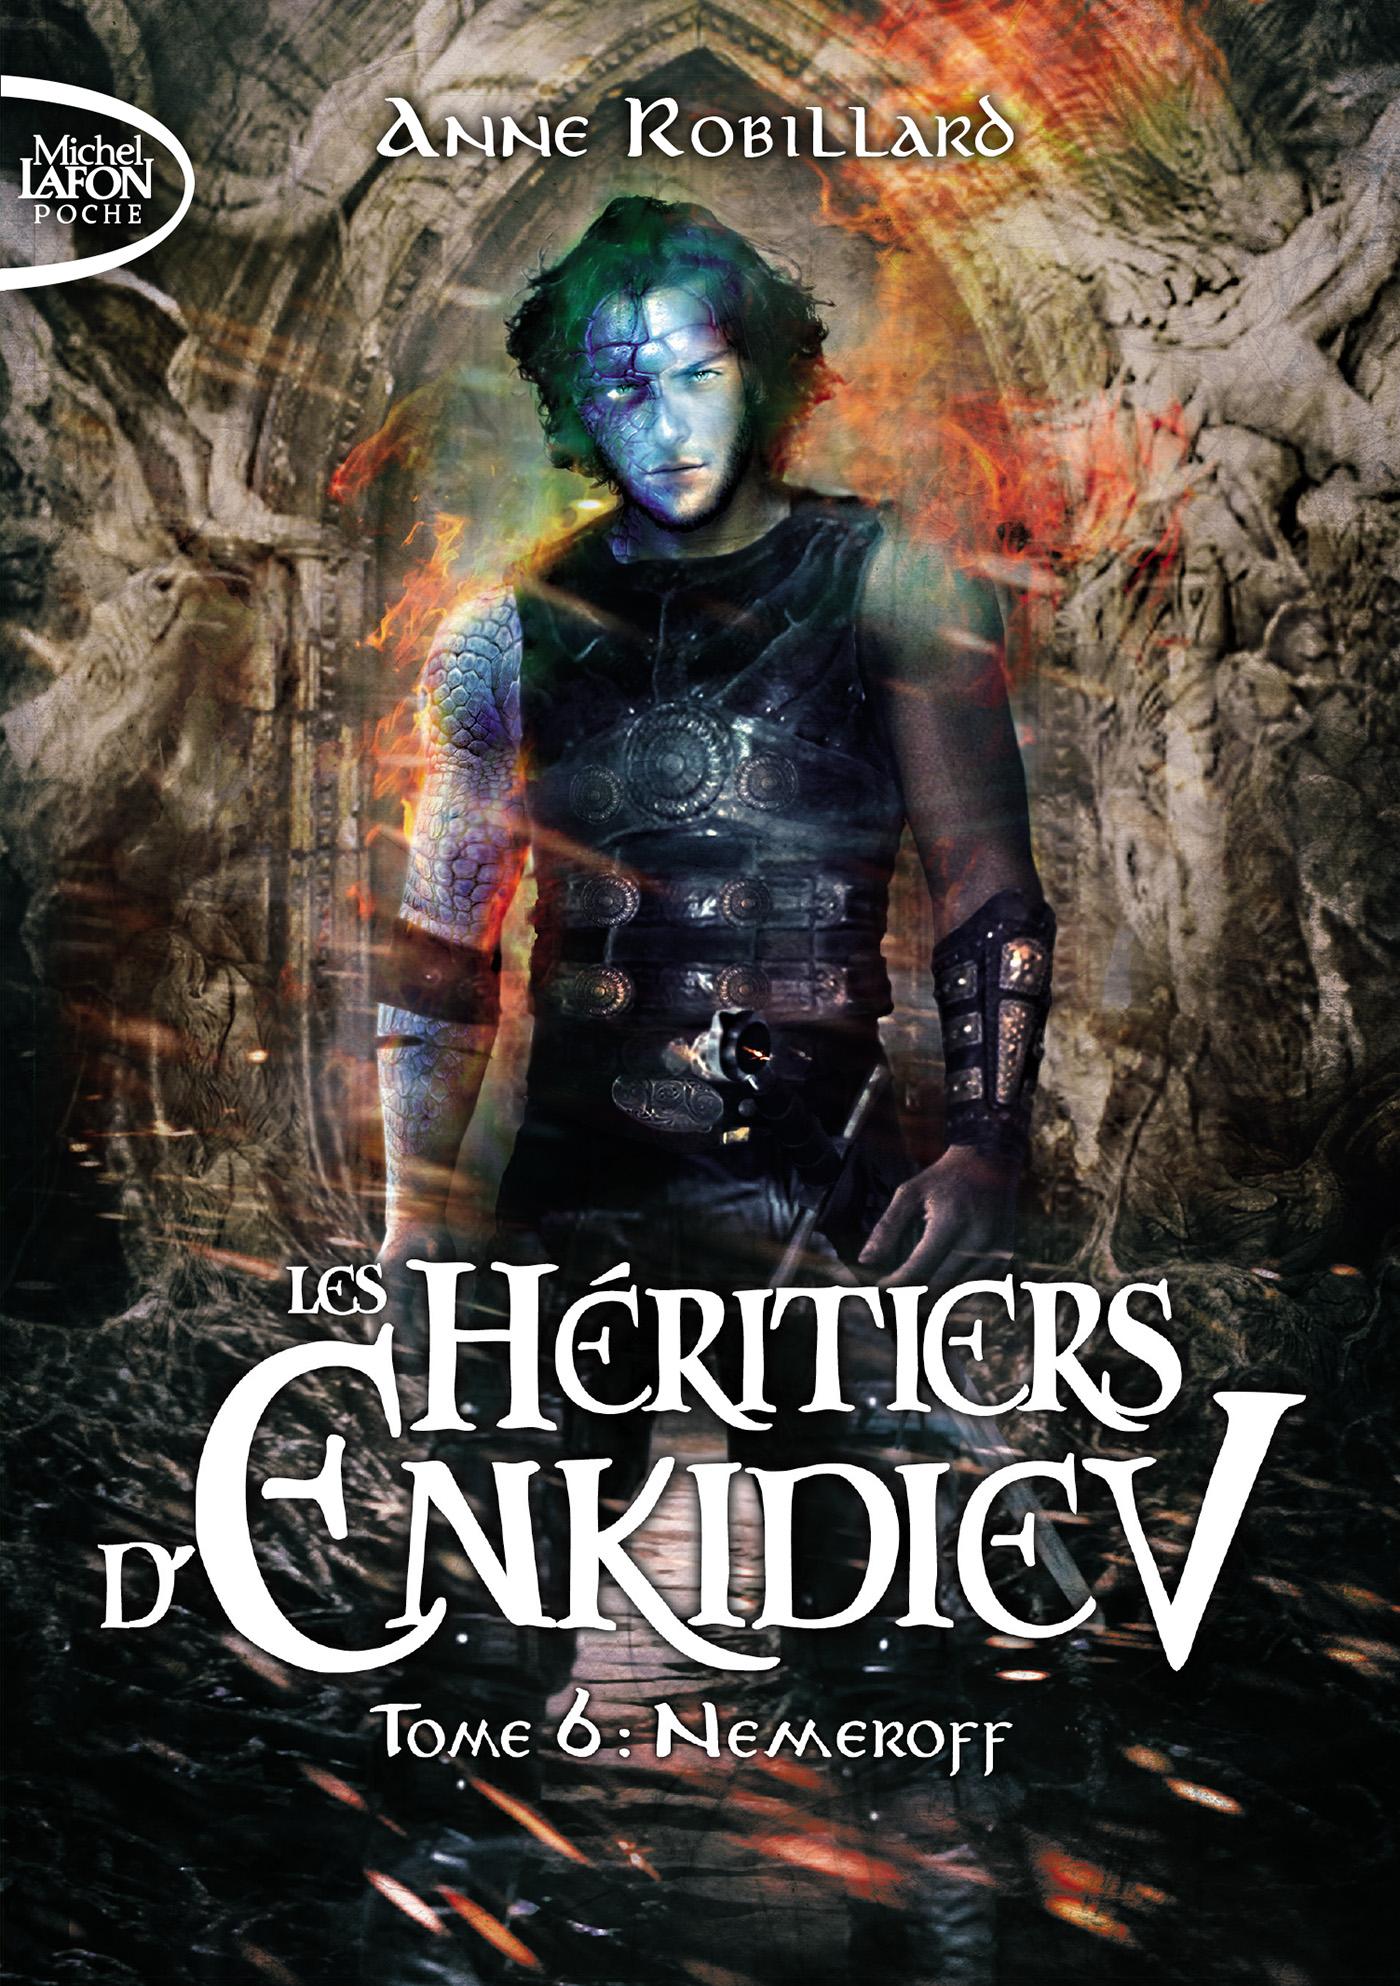 Les Héritiers d'Enkidiev – Tome 6 (Poche)